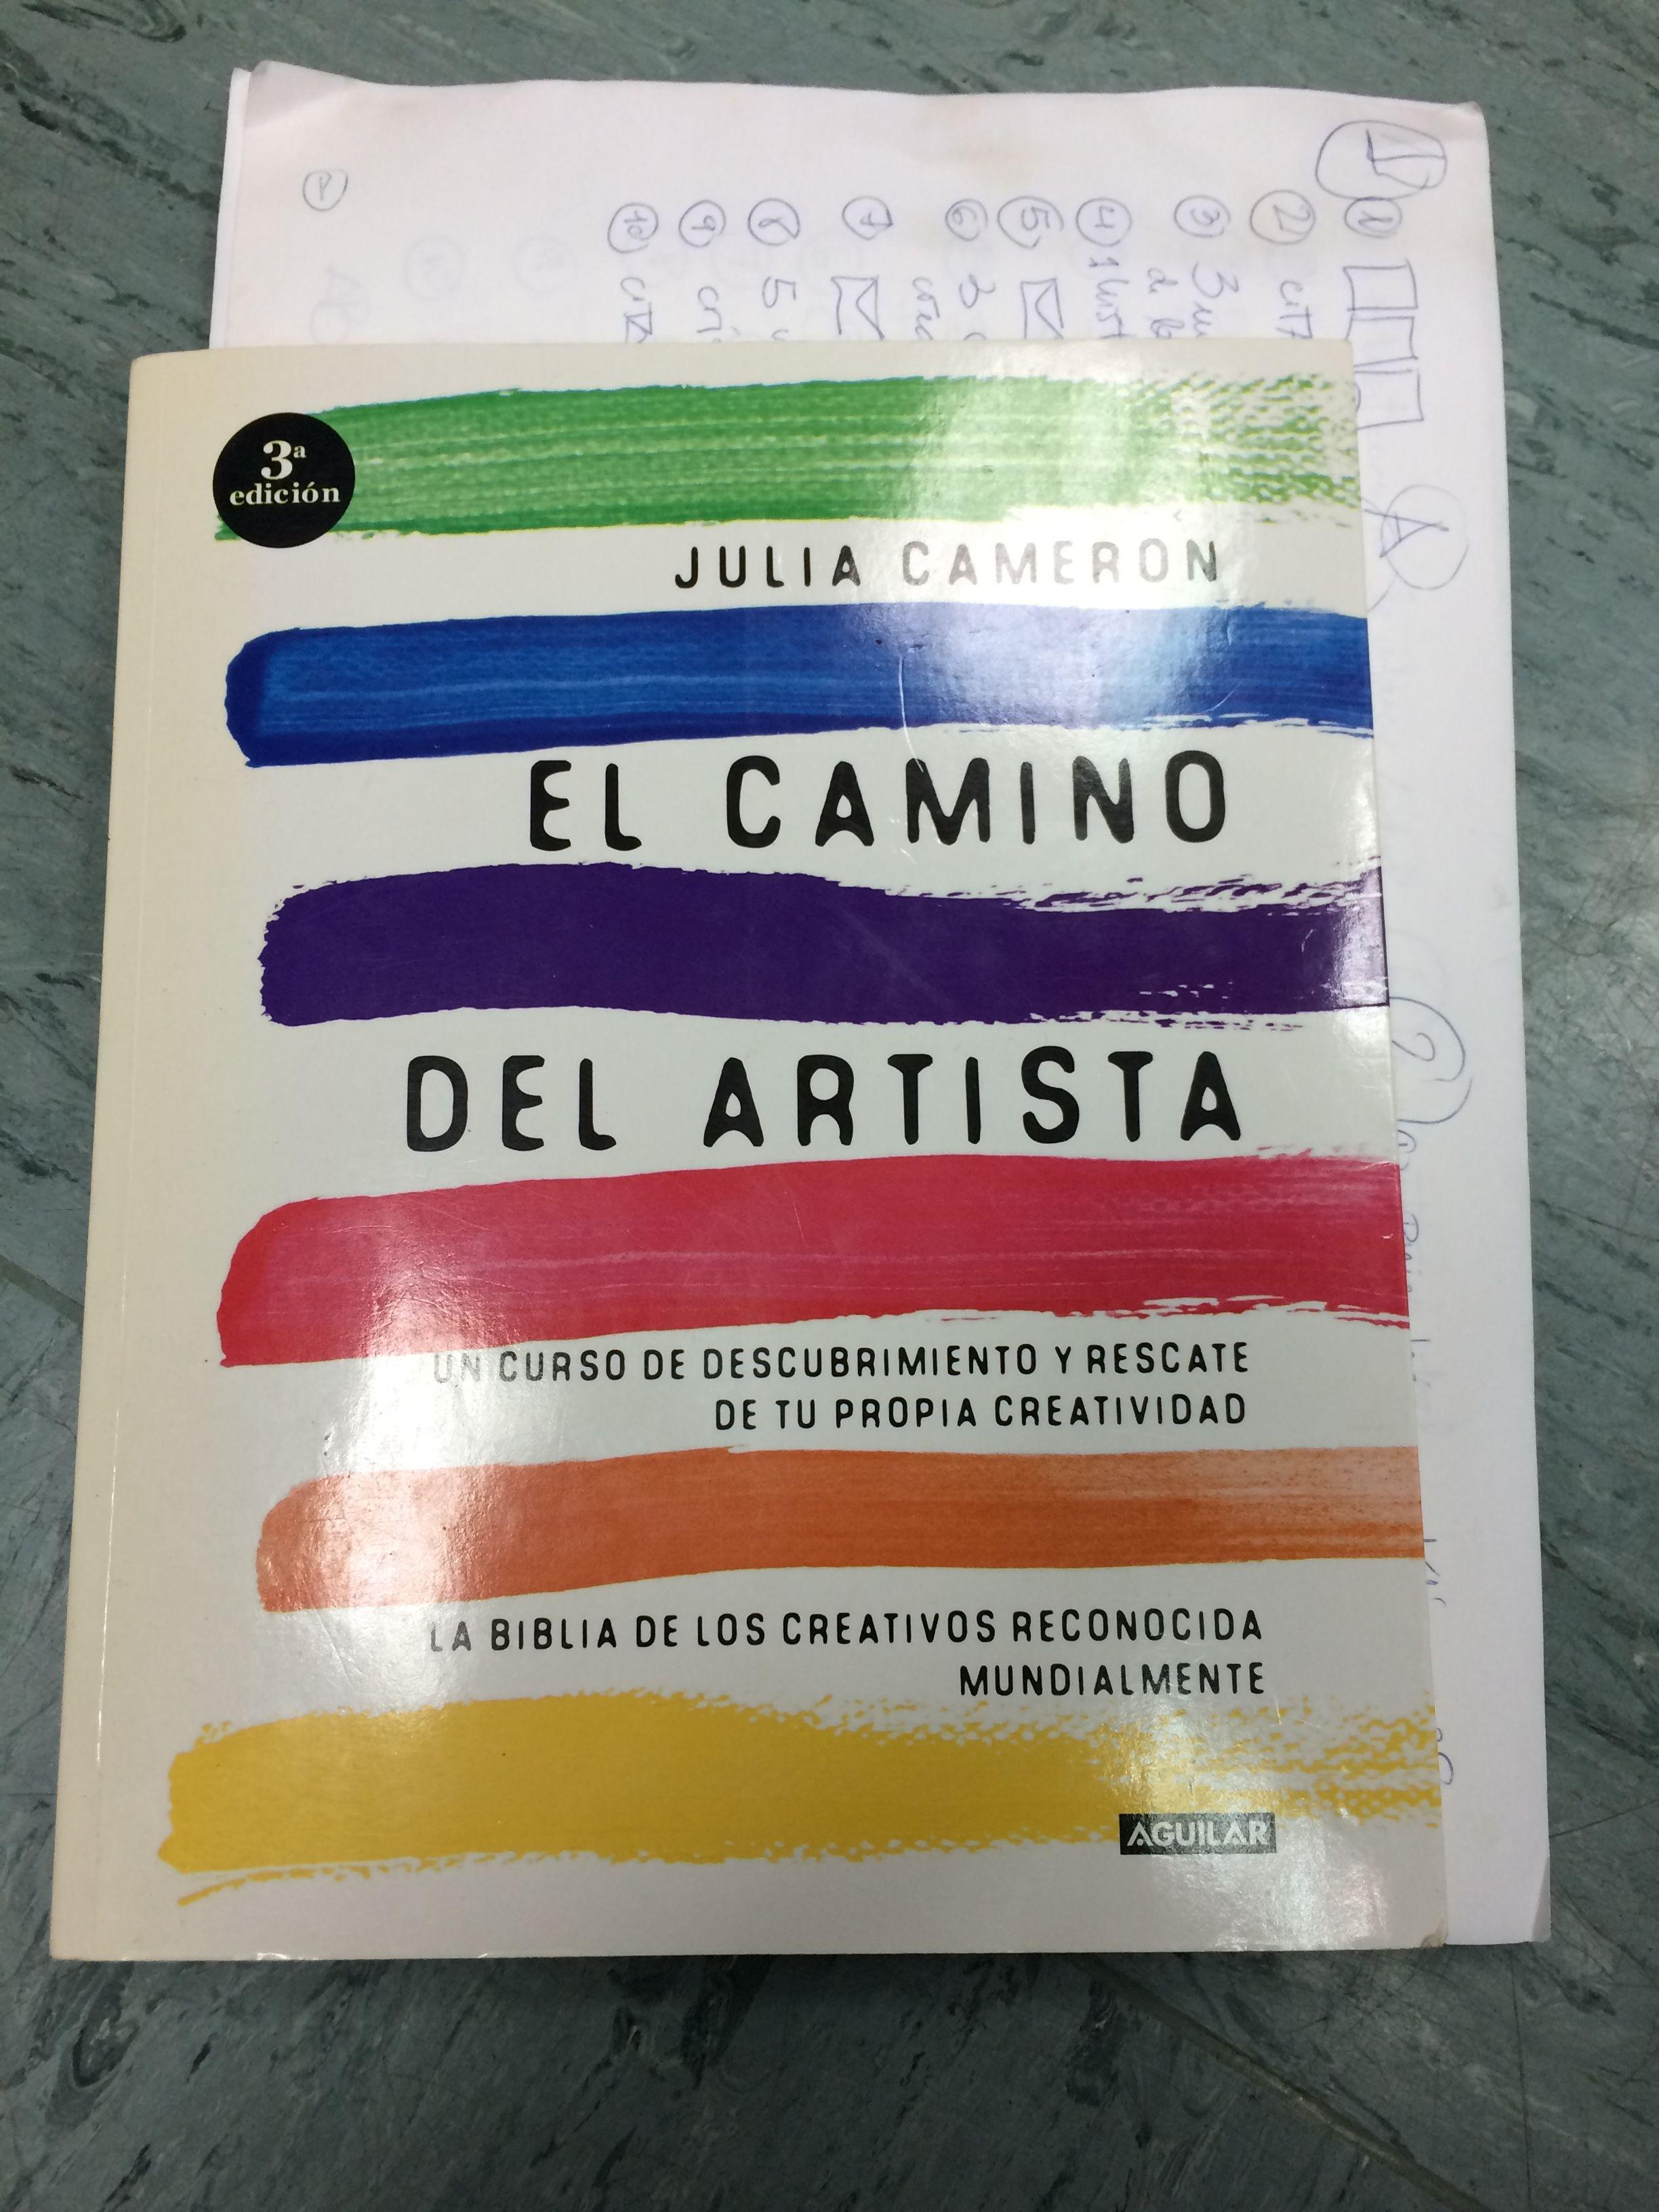 El Camino Del Artista Www Elenadapra Com Psicologia Coaching Creatividad Artistas Crear Creadores Artistas Creatividad Cursillo